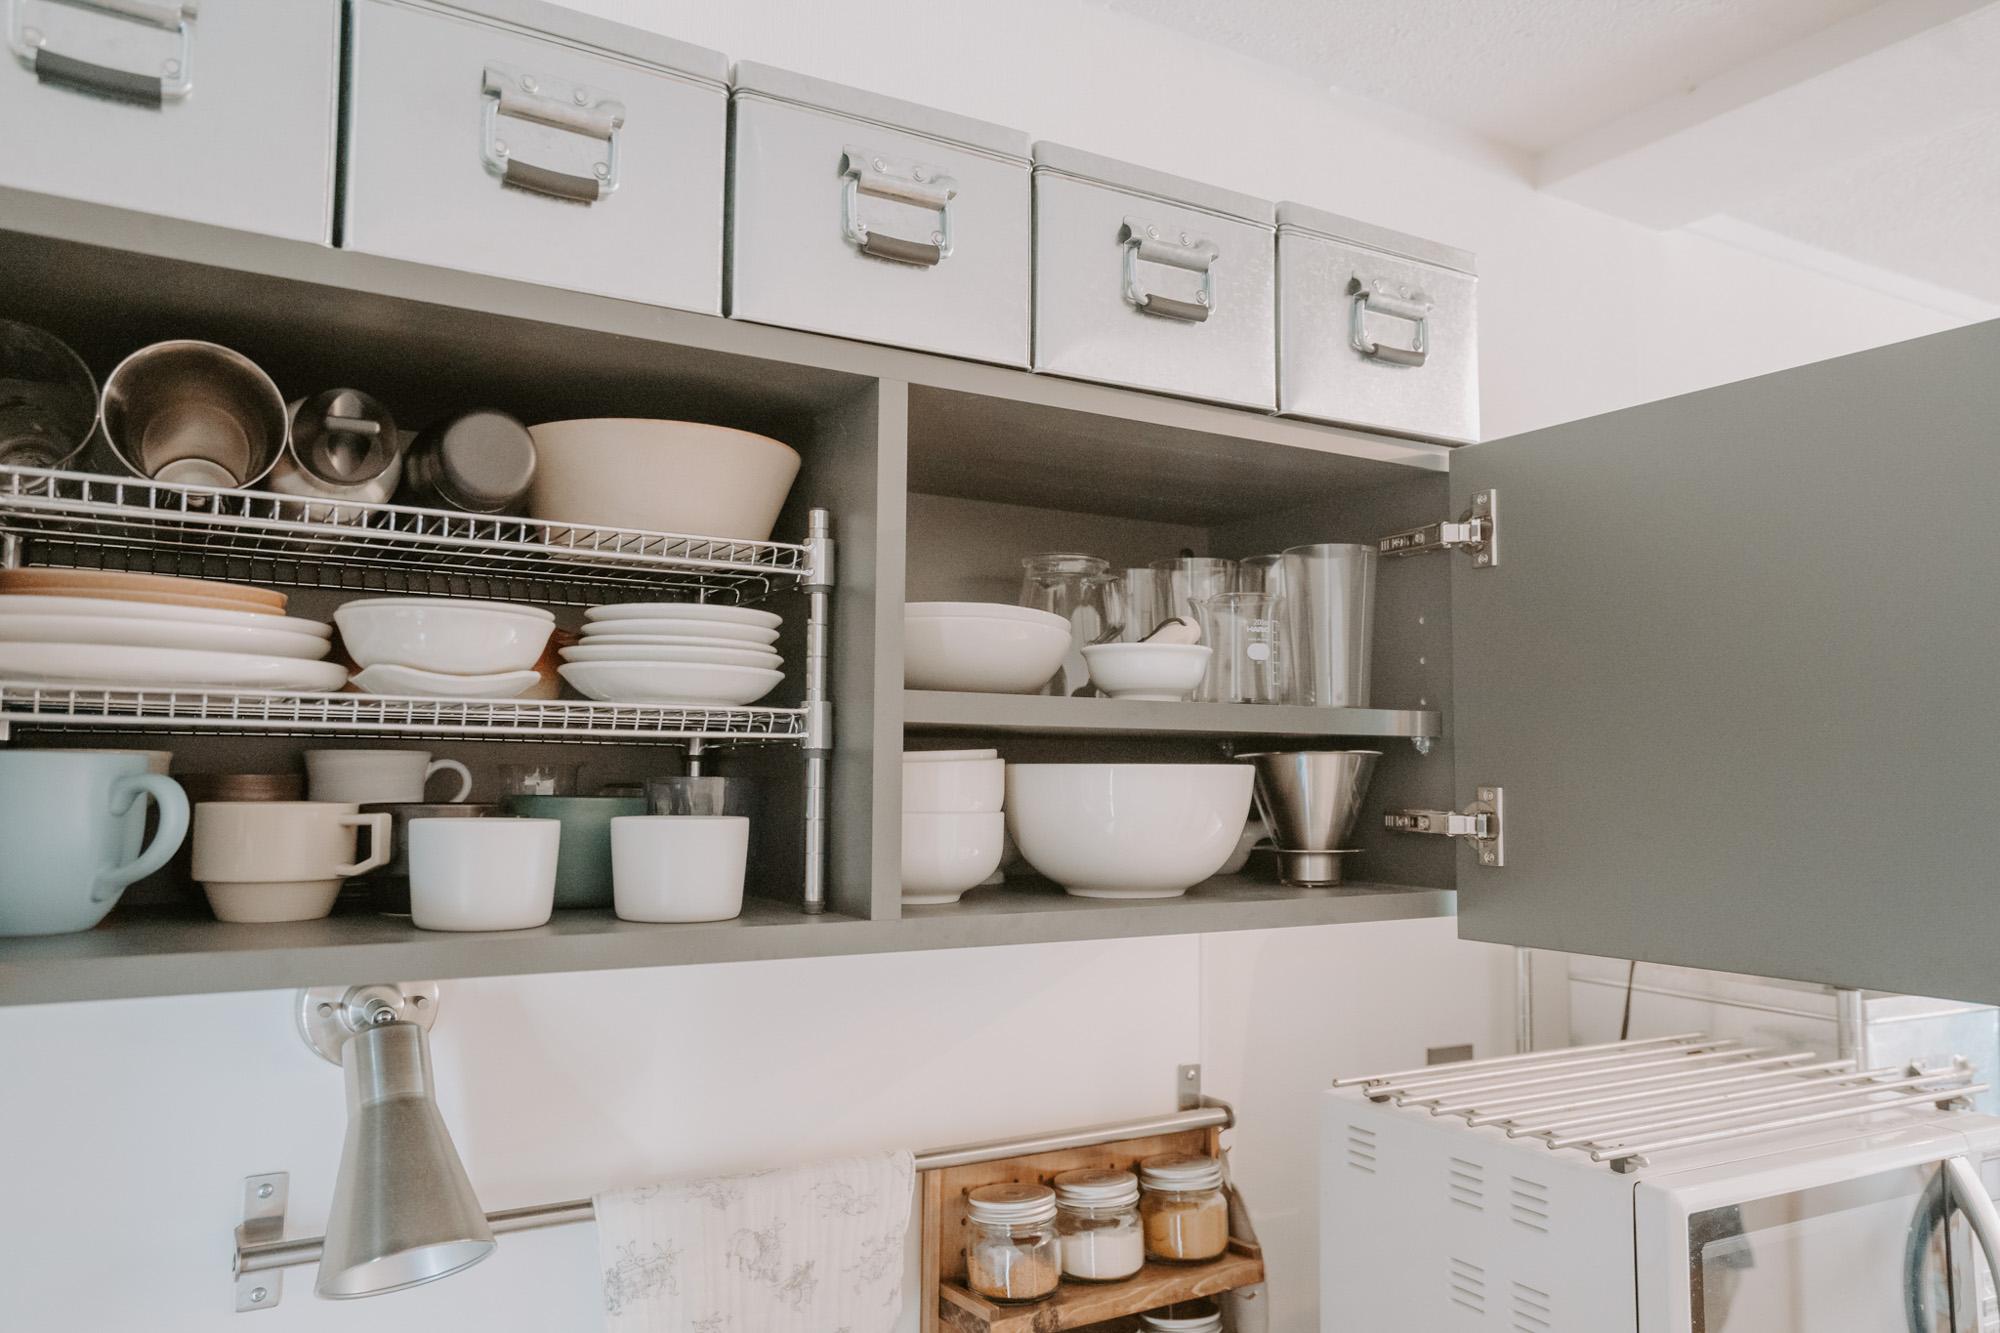 収納ケースを揃えて使うこともポイント。キッチンの吊り戸棚の上には無印良品のトタンボックスが並んでいます。